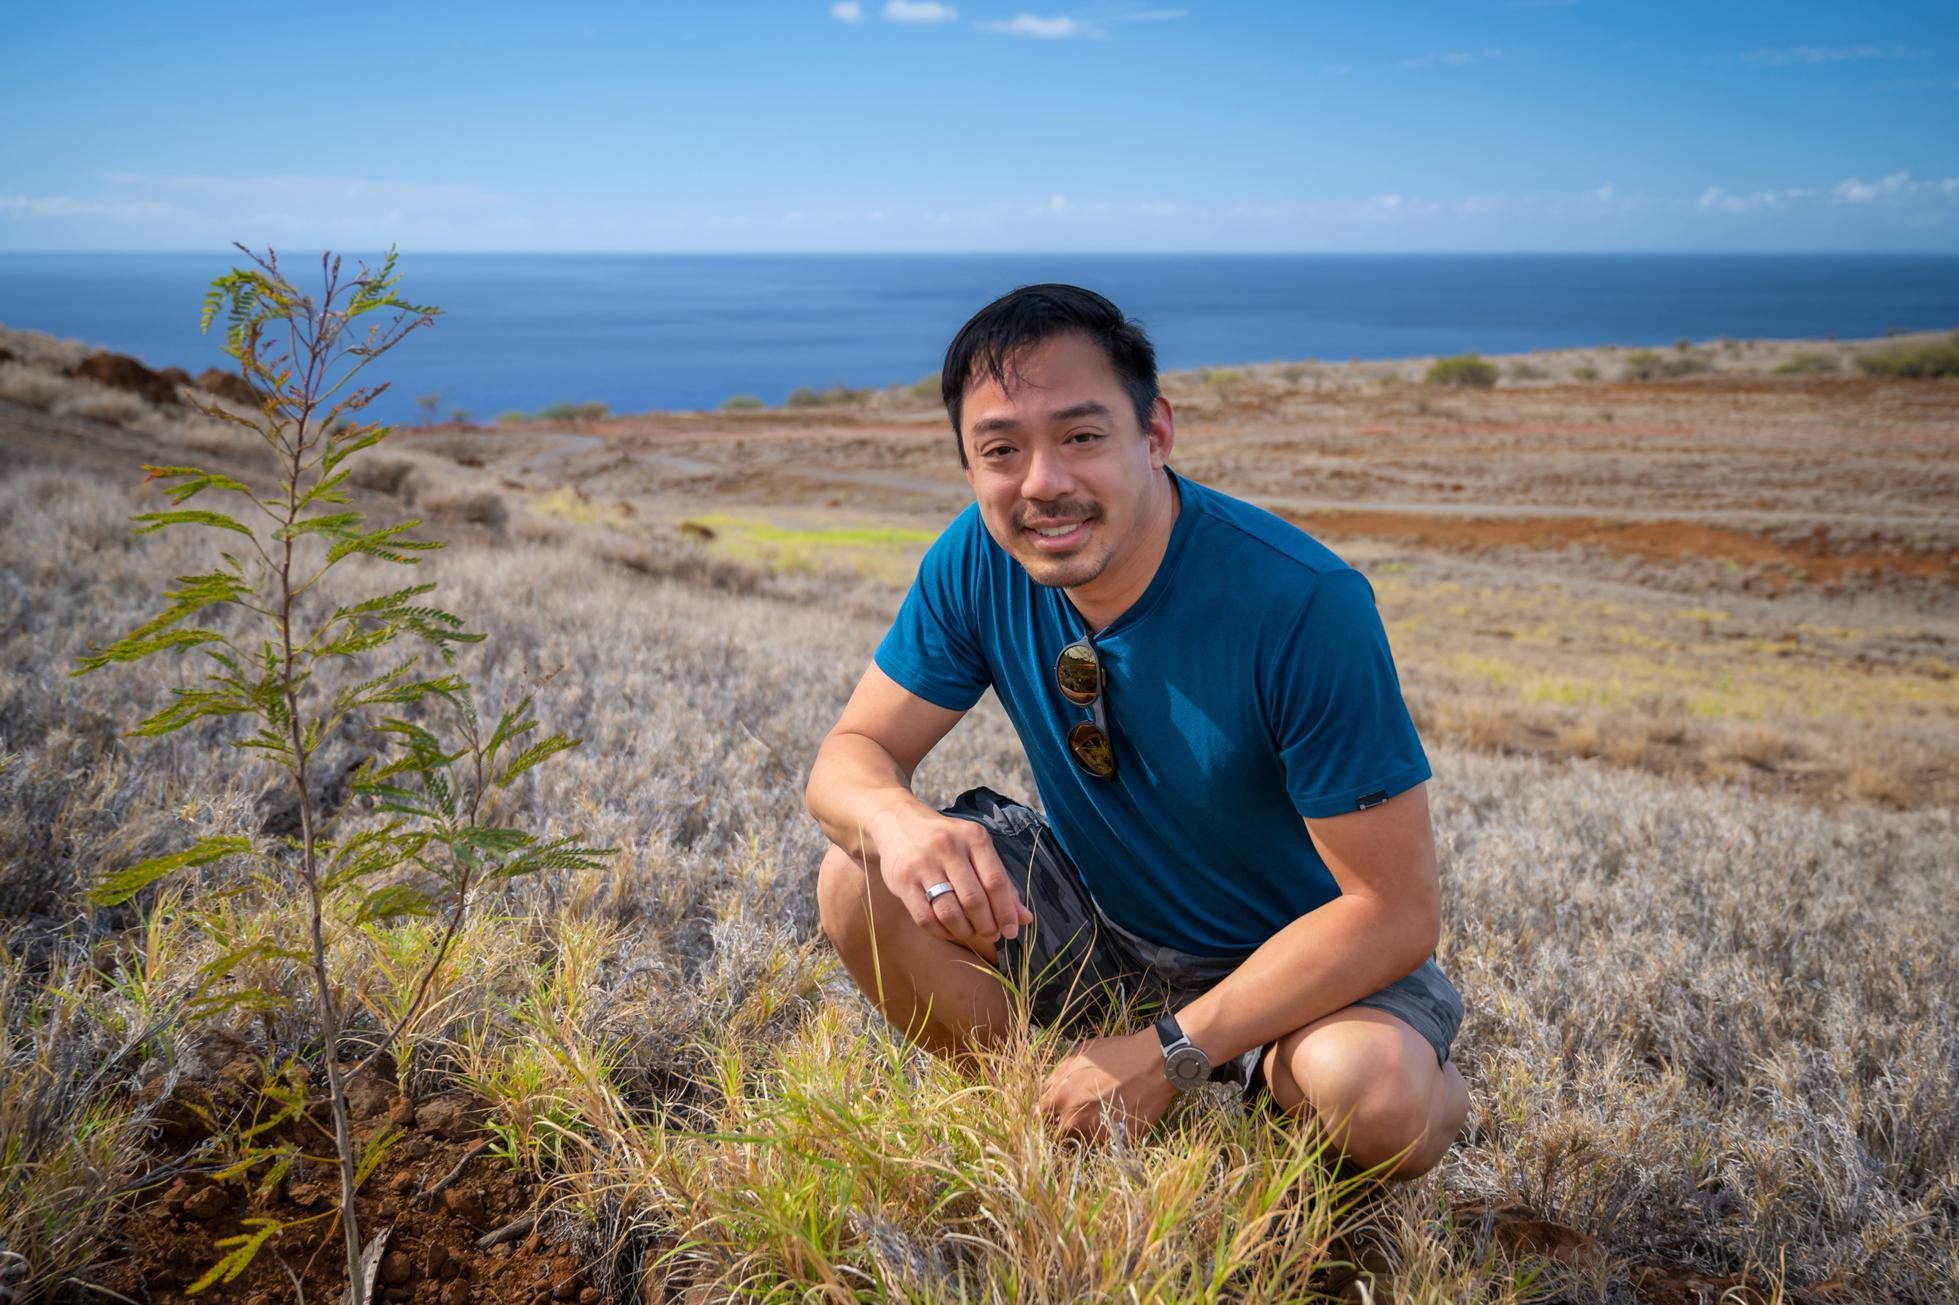 Cựu CEO Reddit Yishan Wong giờ là nhà sáng lập của startup trồng cây kiếm tiền. Ảnh: Terraformation.